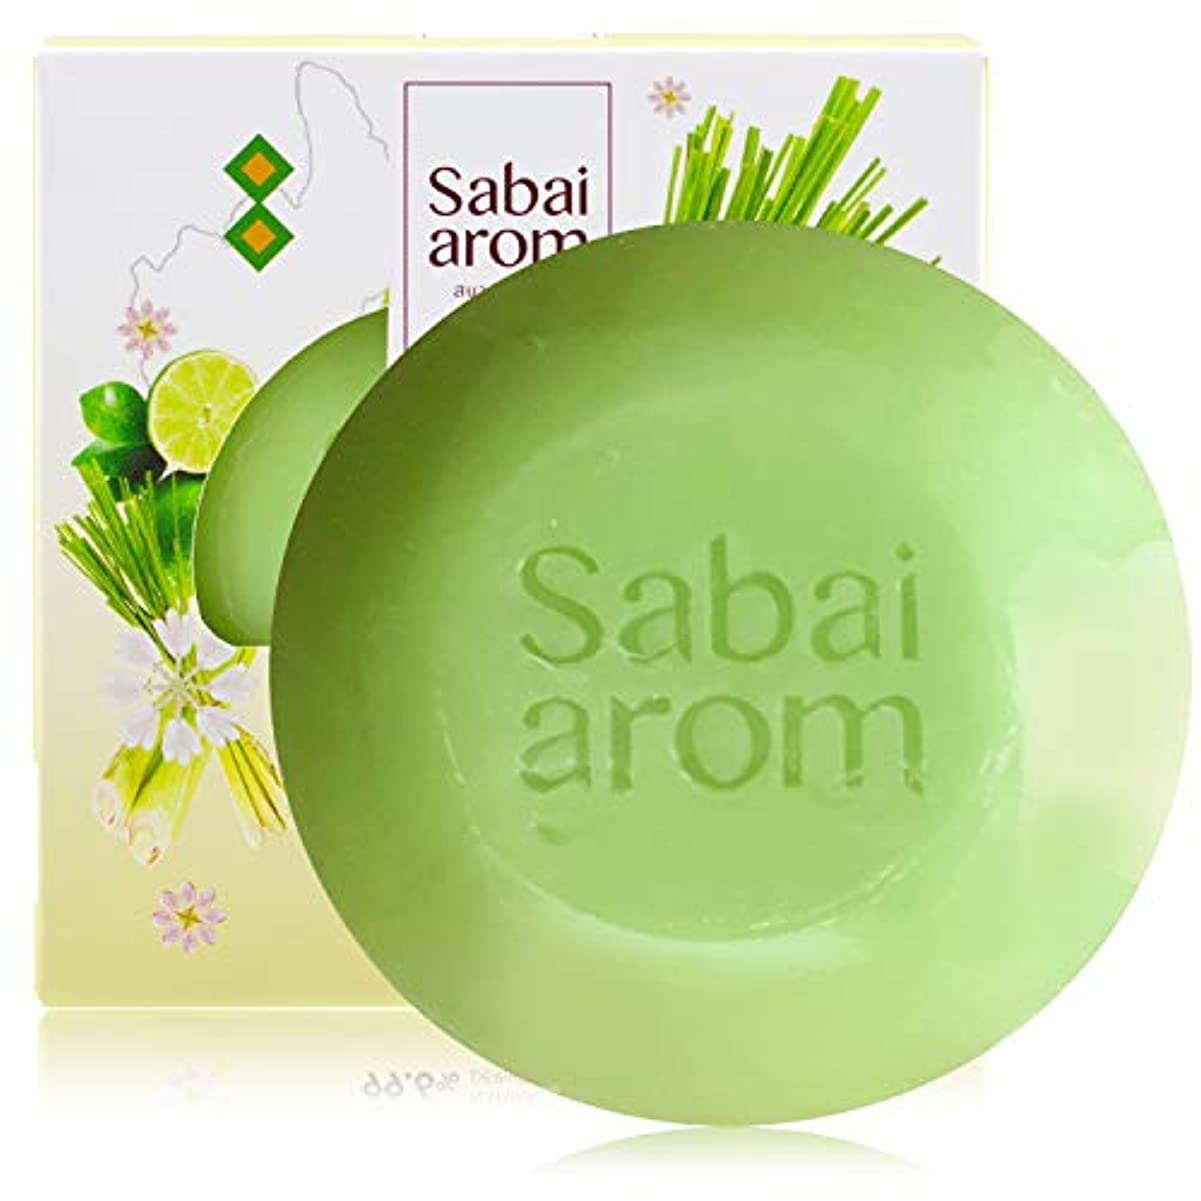 決定する独裁同様のサバイアロム(Sabai-arom) レモングラス フェイス&ボディソープバー (石鹸) 100g【LMG】【001】